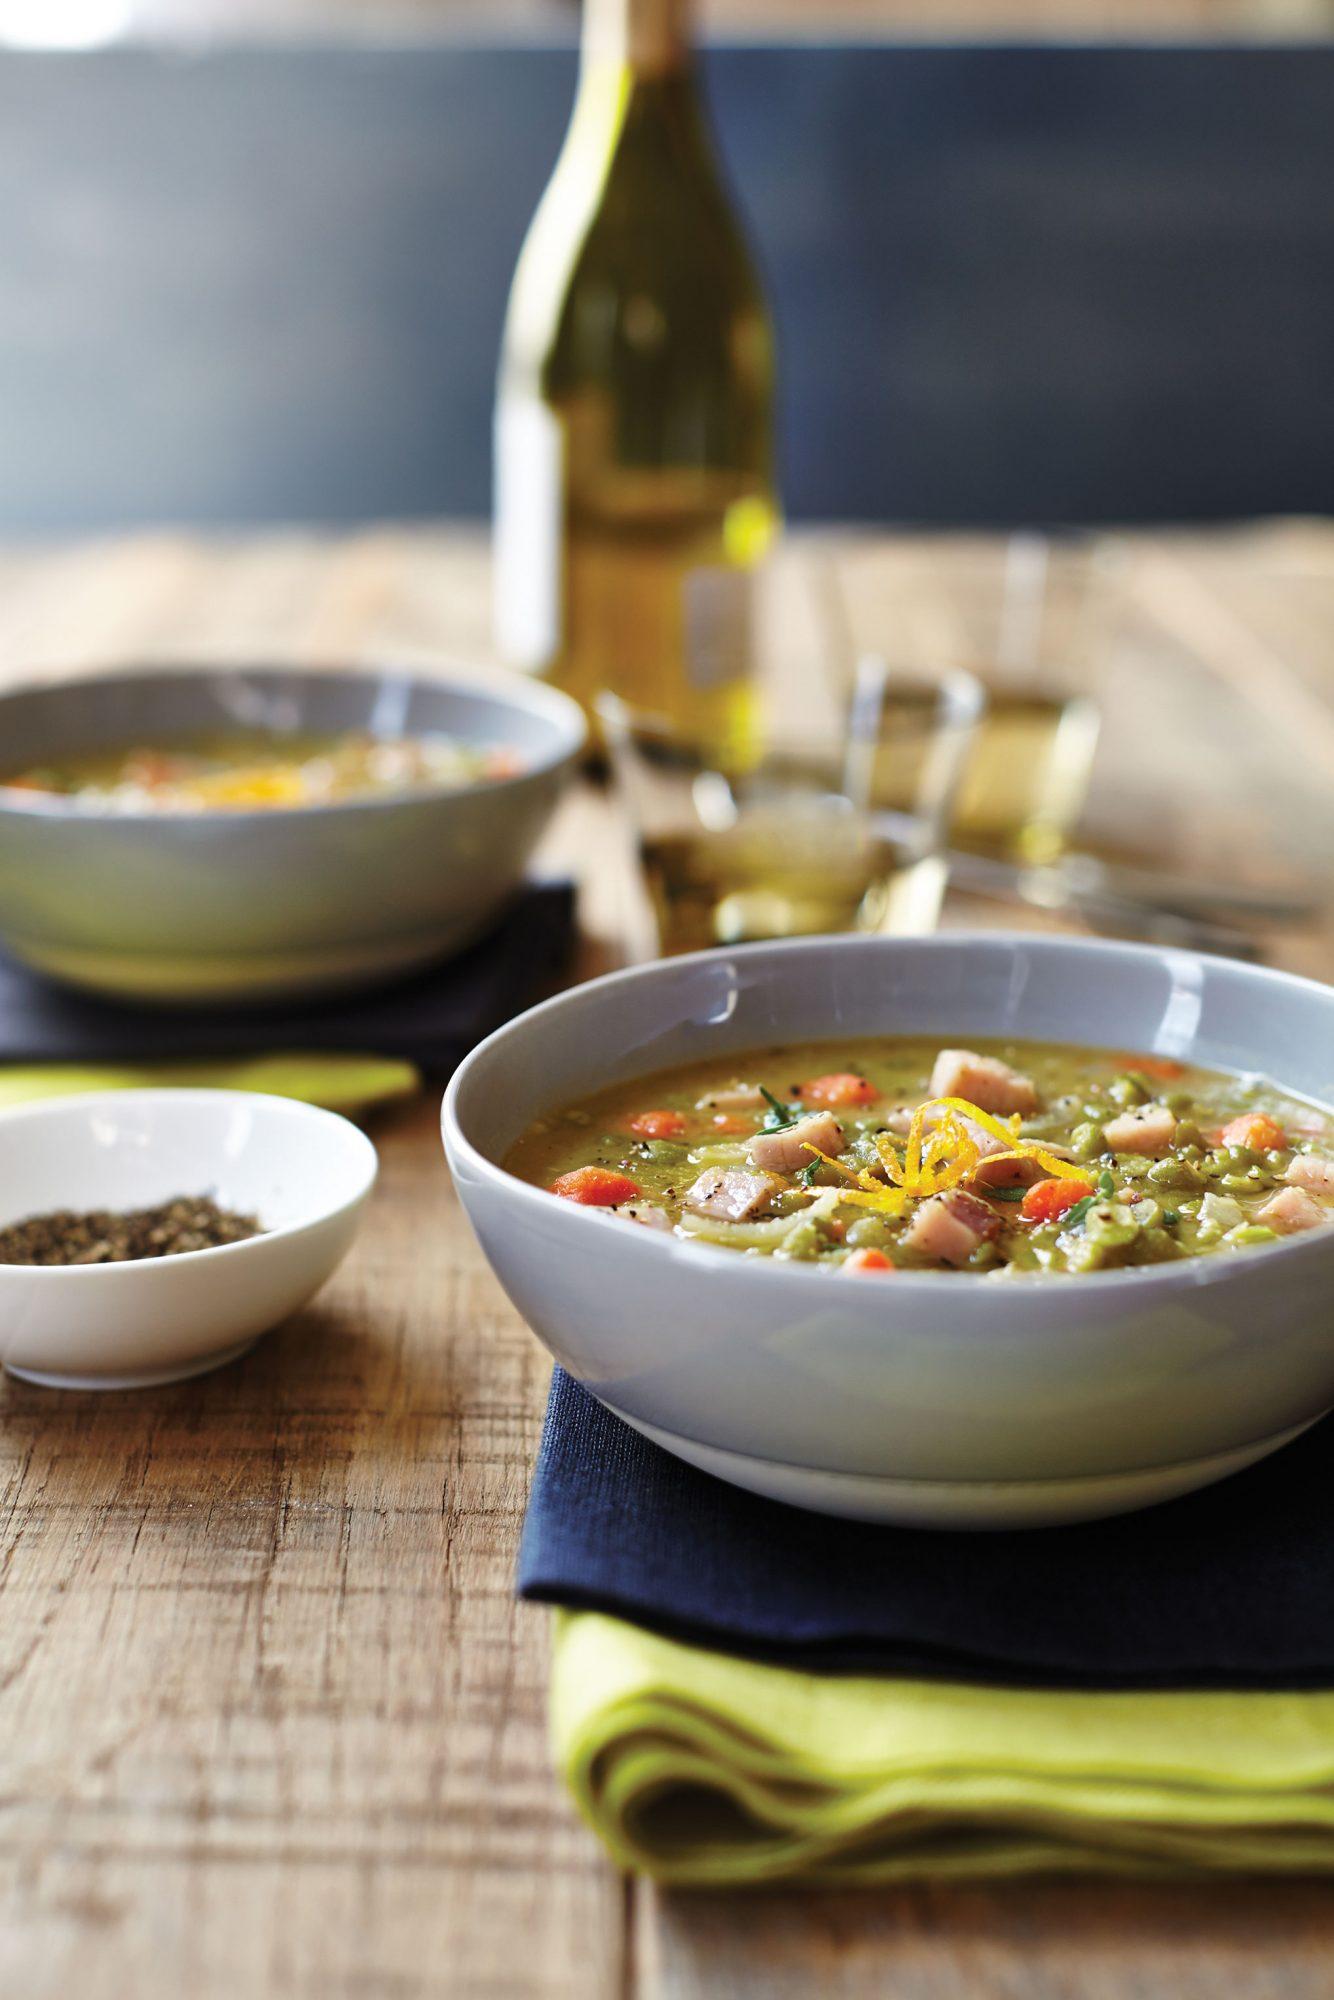 Smoked Pork and Split Pea Soup image